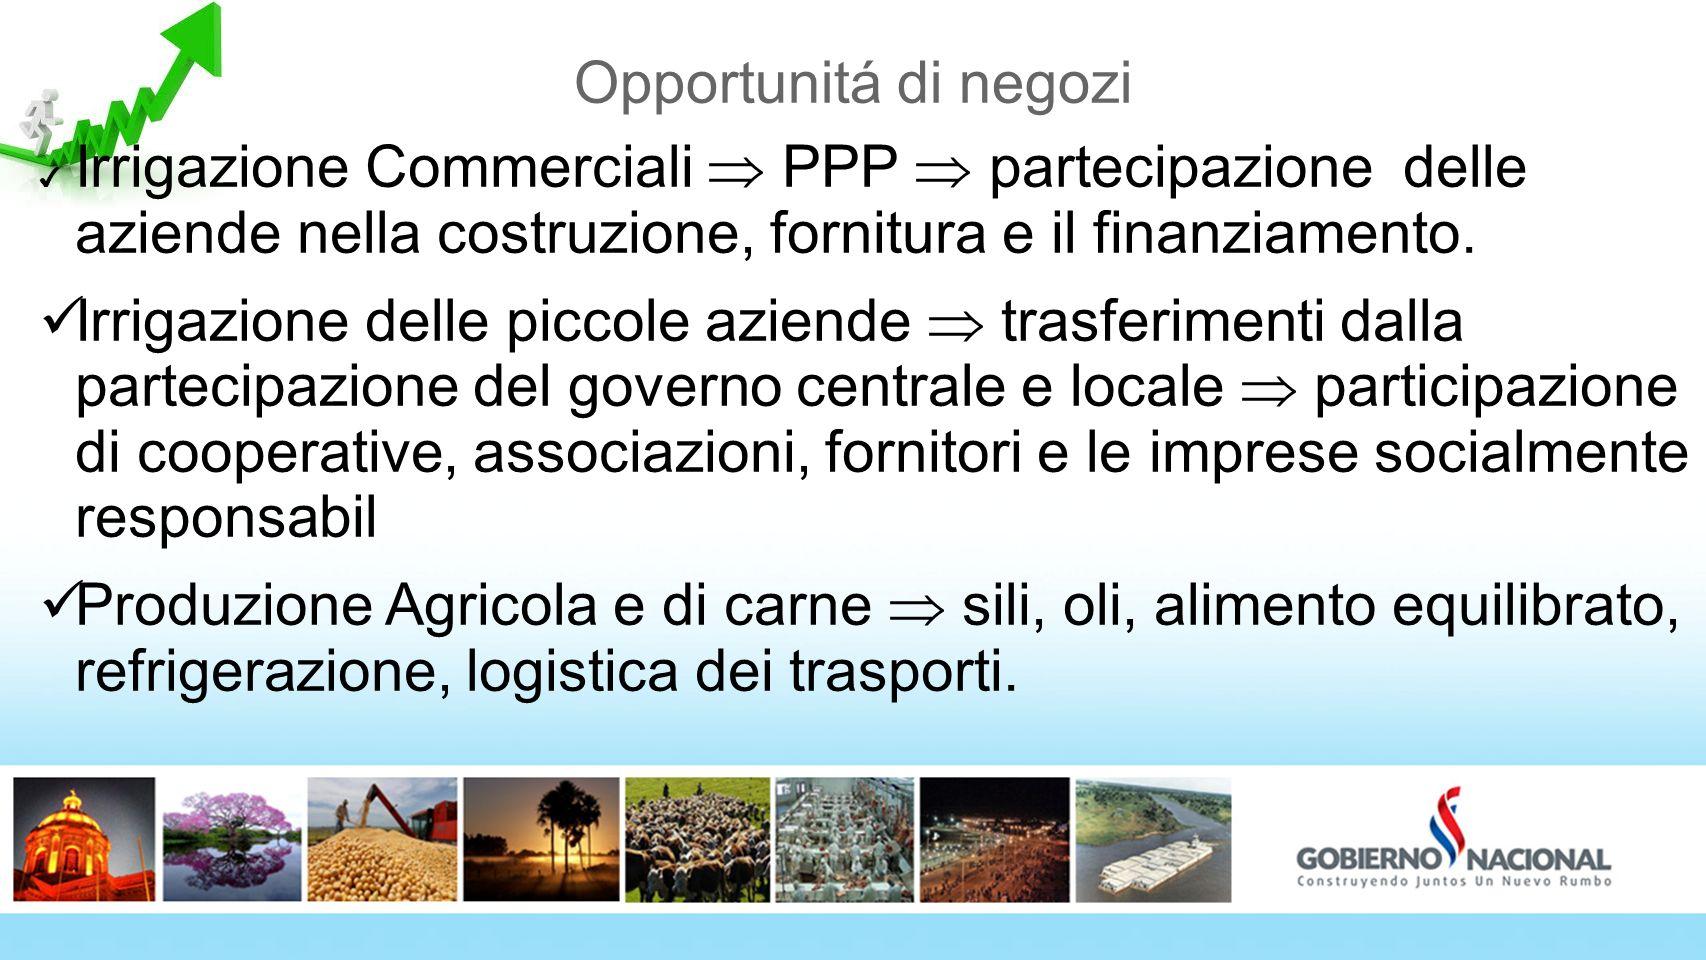 1313 Opportunitá di negozi. Irrigazione Commerciali  PPP  partecipazione delle aziende nella costruzione, fornitura e il finanziamento.